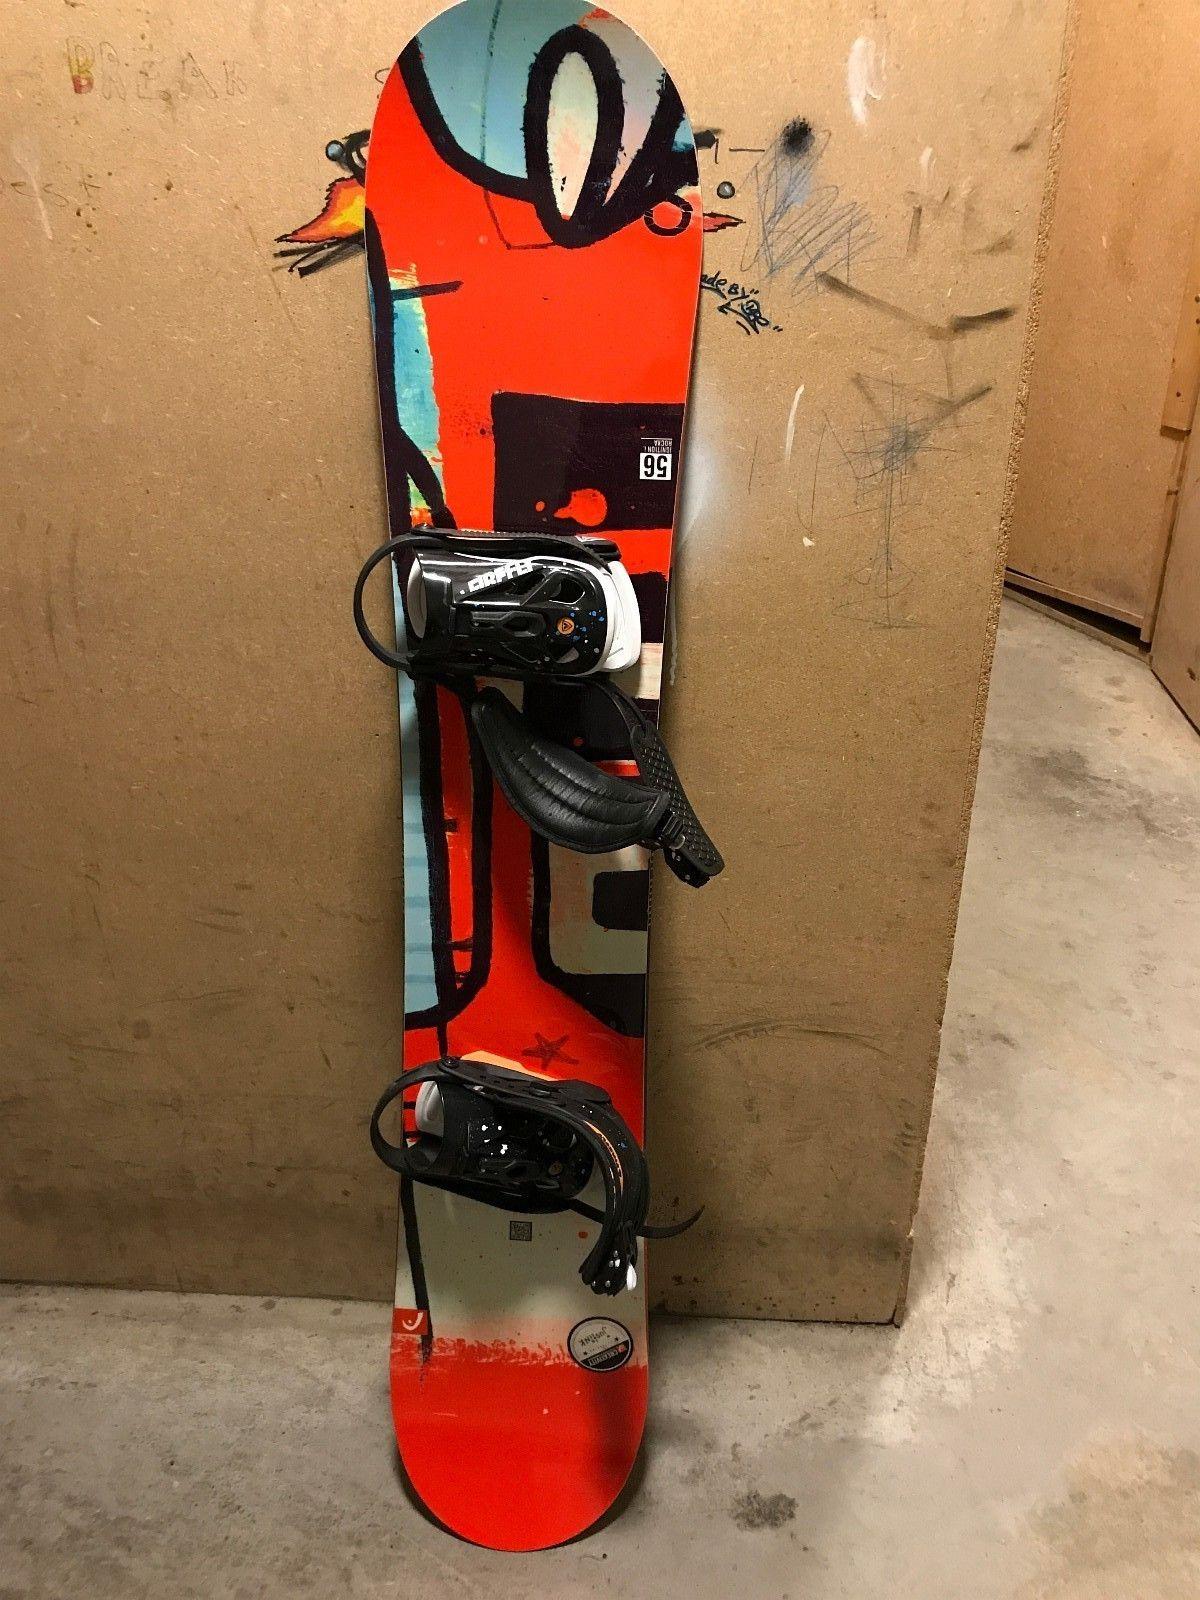 Head snowboard Ignition I. rocka 156 - Oslo  - Head snowboard Ignition I. rocka 156 cm med firefly binder som kun er brukt 1 gang.   selger det til gi bort pris. førstemann som gir meg et bud får den - Oslo